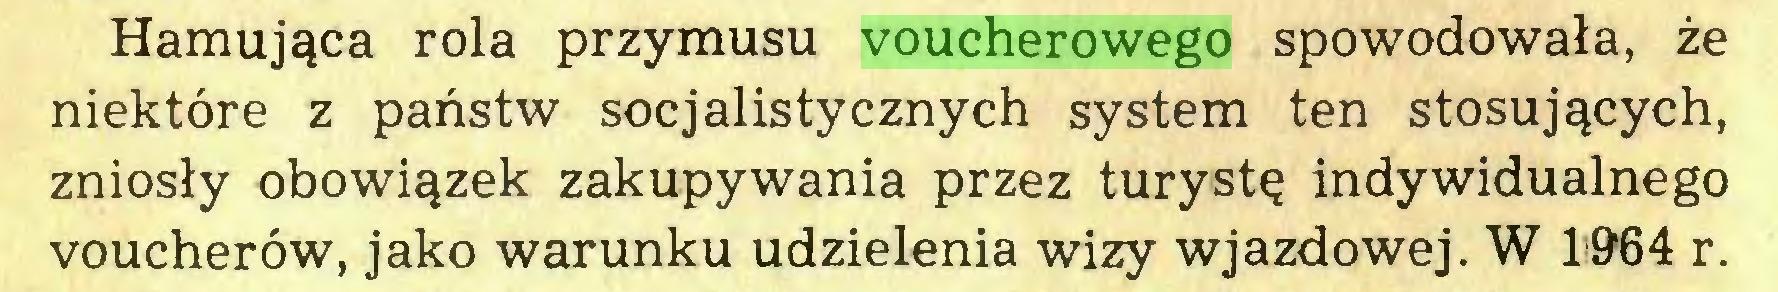 (...) Hamująca rola przymusu voucherowego spowodowała, że niektóre z państw socjalistycznych system ten stosujących, zniosły obowiązek zakupywania przez turystę indywidualnego voucherow, jako warunku udzielenia wizy wjazdowej. W 1*964 r...